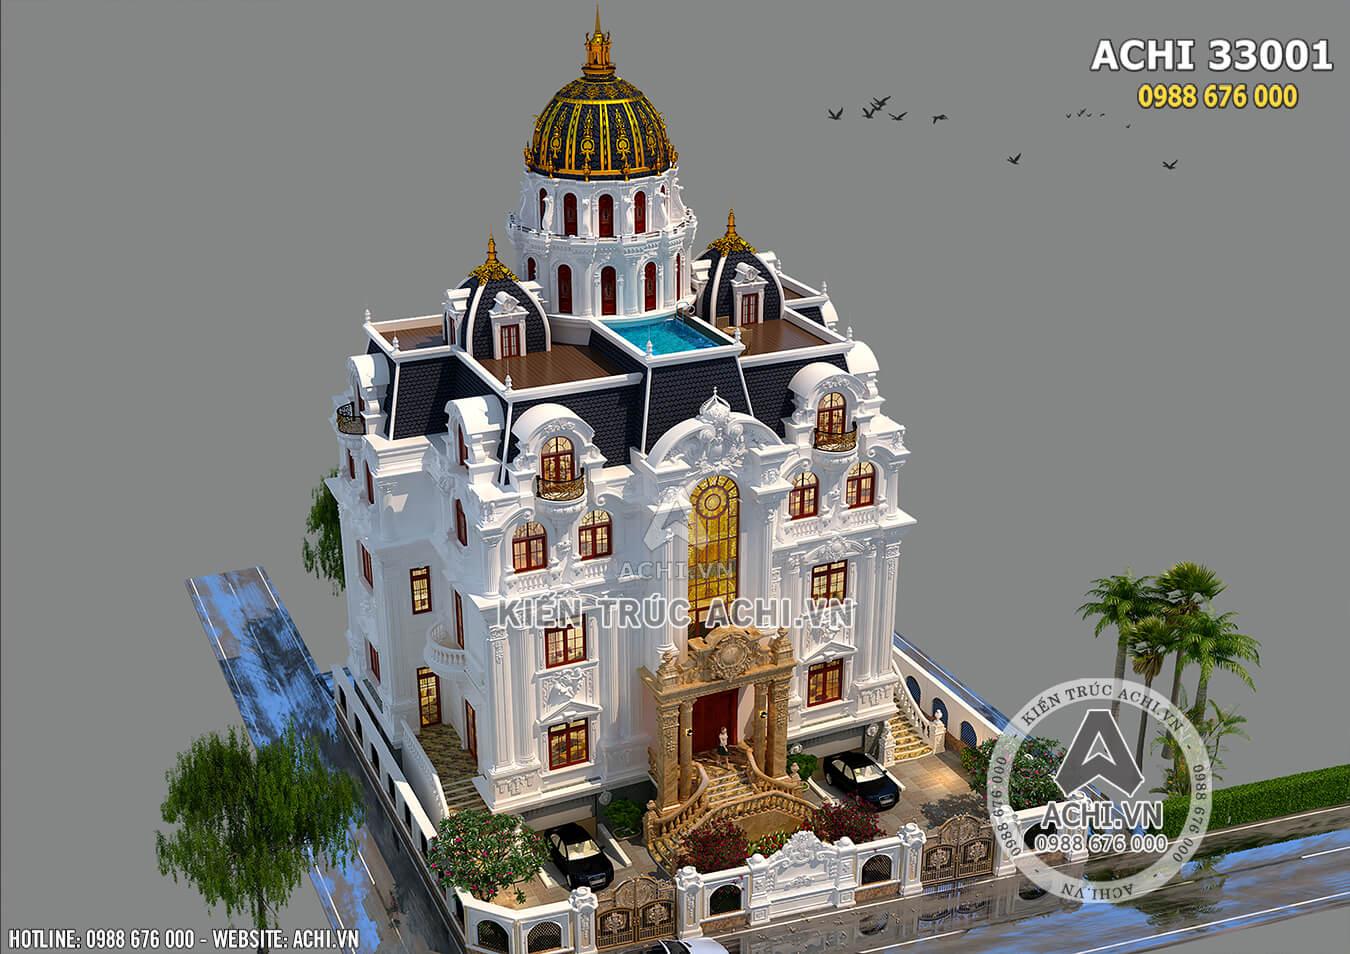 Vẻ đẹp hoàn mỹ của lối kiến trúc tân cổ điển dành cho mẫu nhà 3 tầng